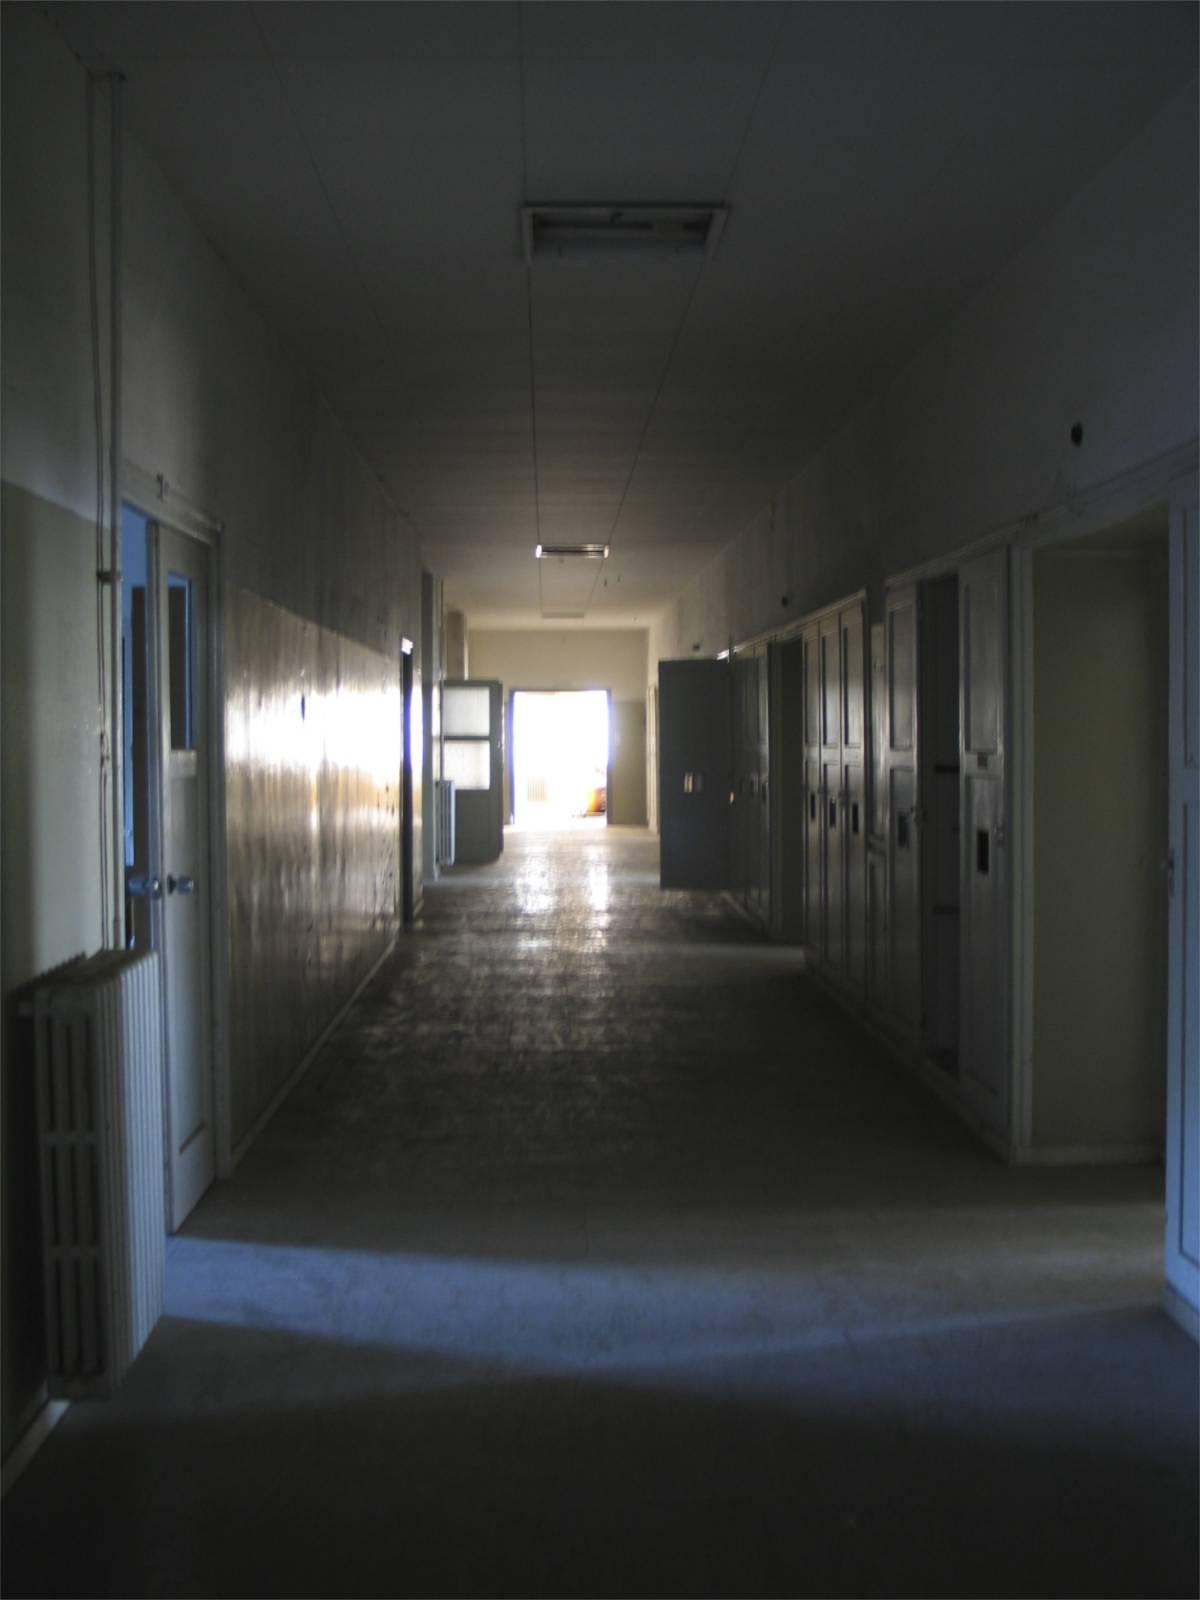 Hospital abandonado del torax - Off Topic y humor - 3DJuegos